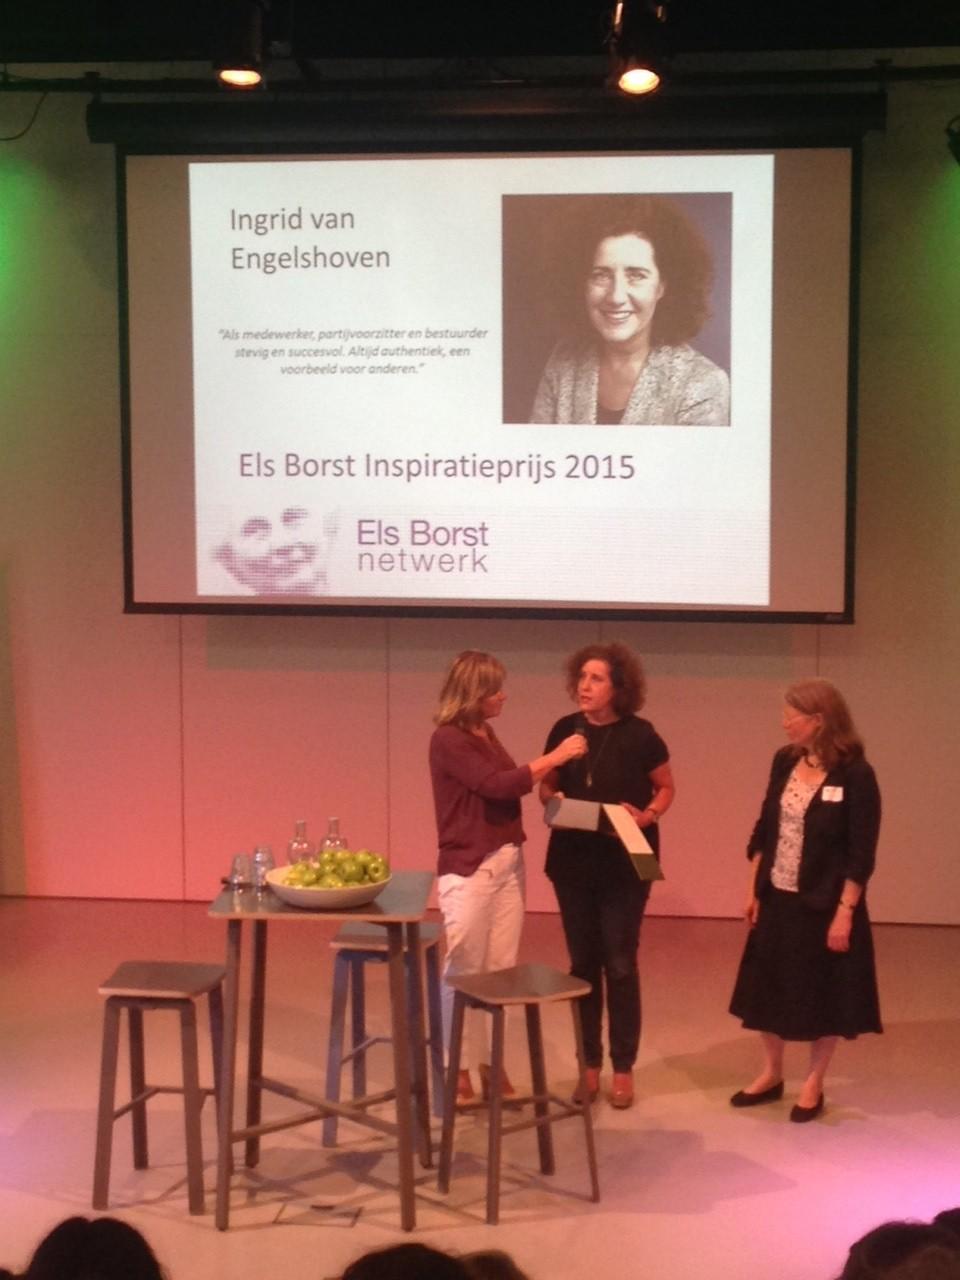 Ingrid van Engelshoven wint eerste Els Borst Netwerk Inspiratieprijs - Onze stad